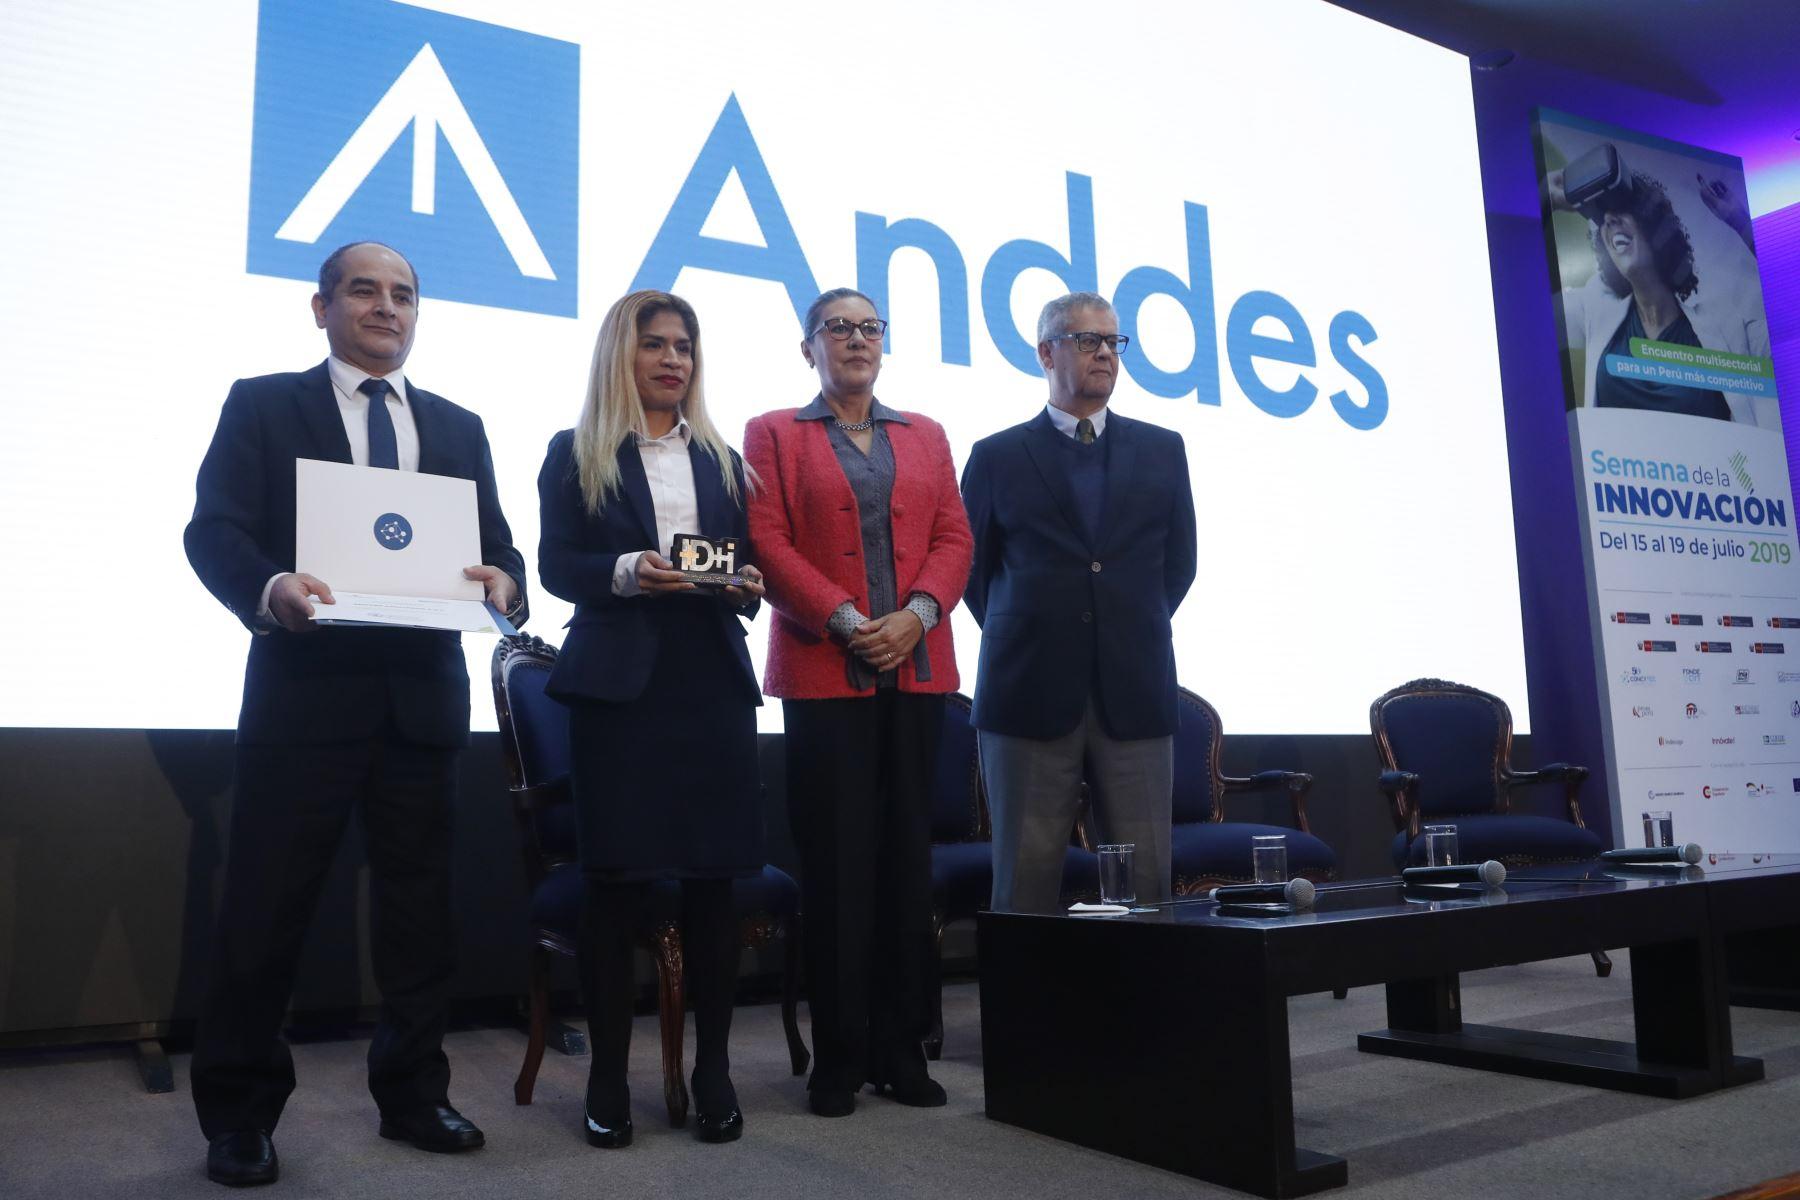 Reconocimiento a la empresa Andes, en la Semana Nacional de la Innovación. Foto: ANDINA/Josue Ramos